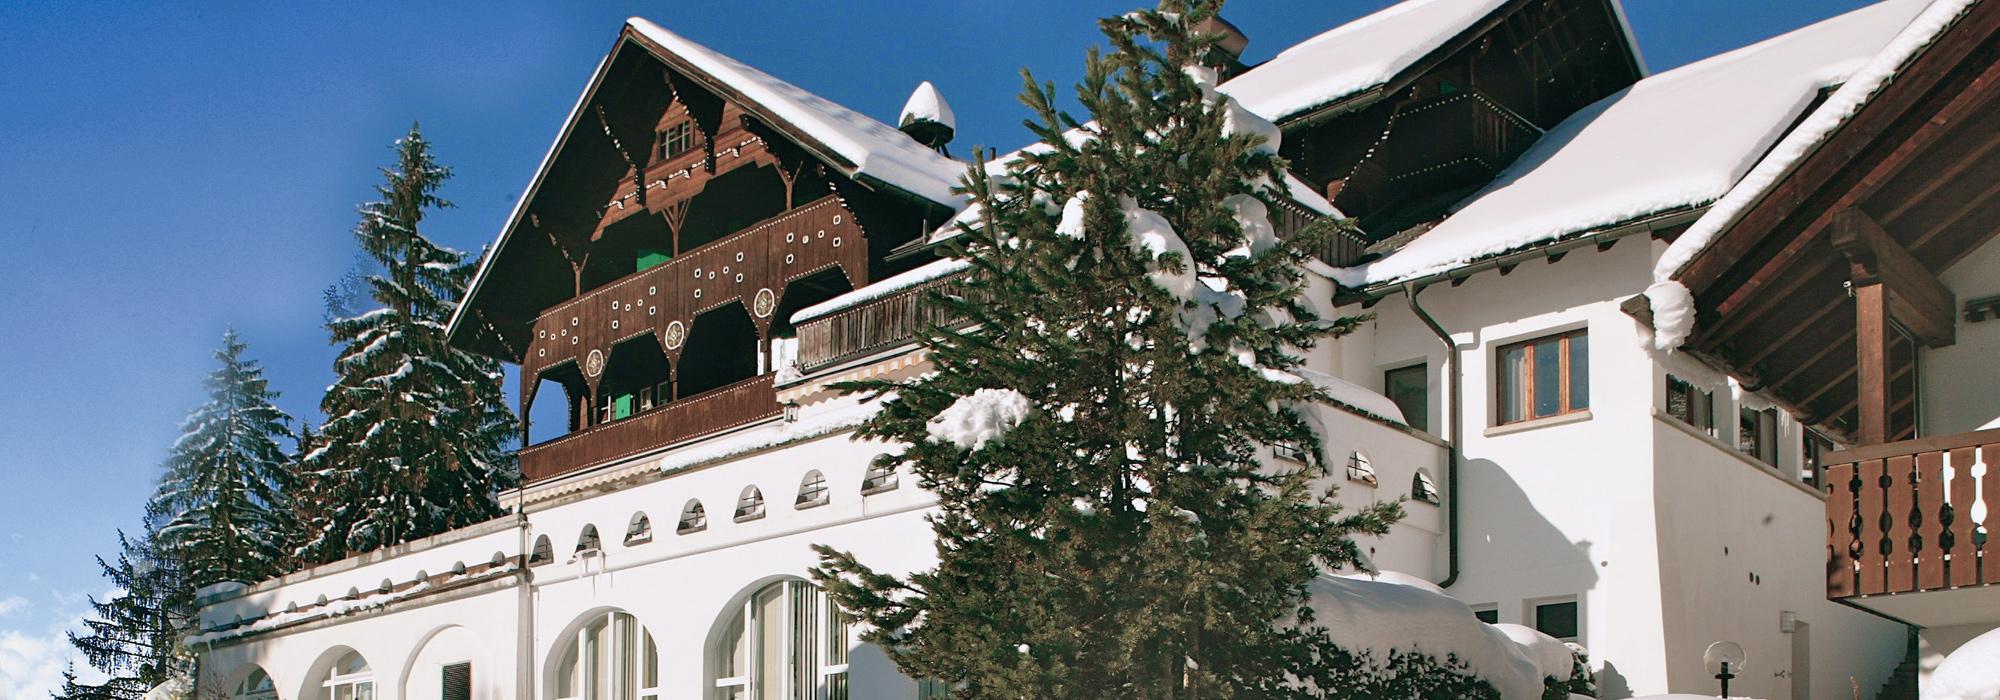 Hotel Fidazerhof in Flims / Laax